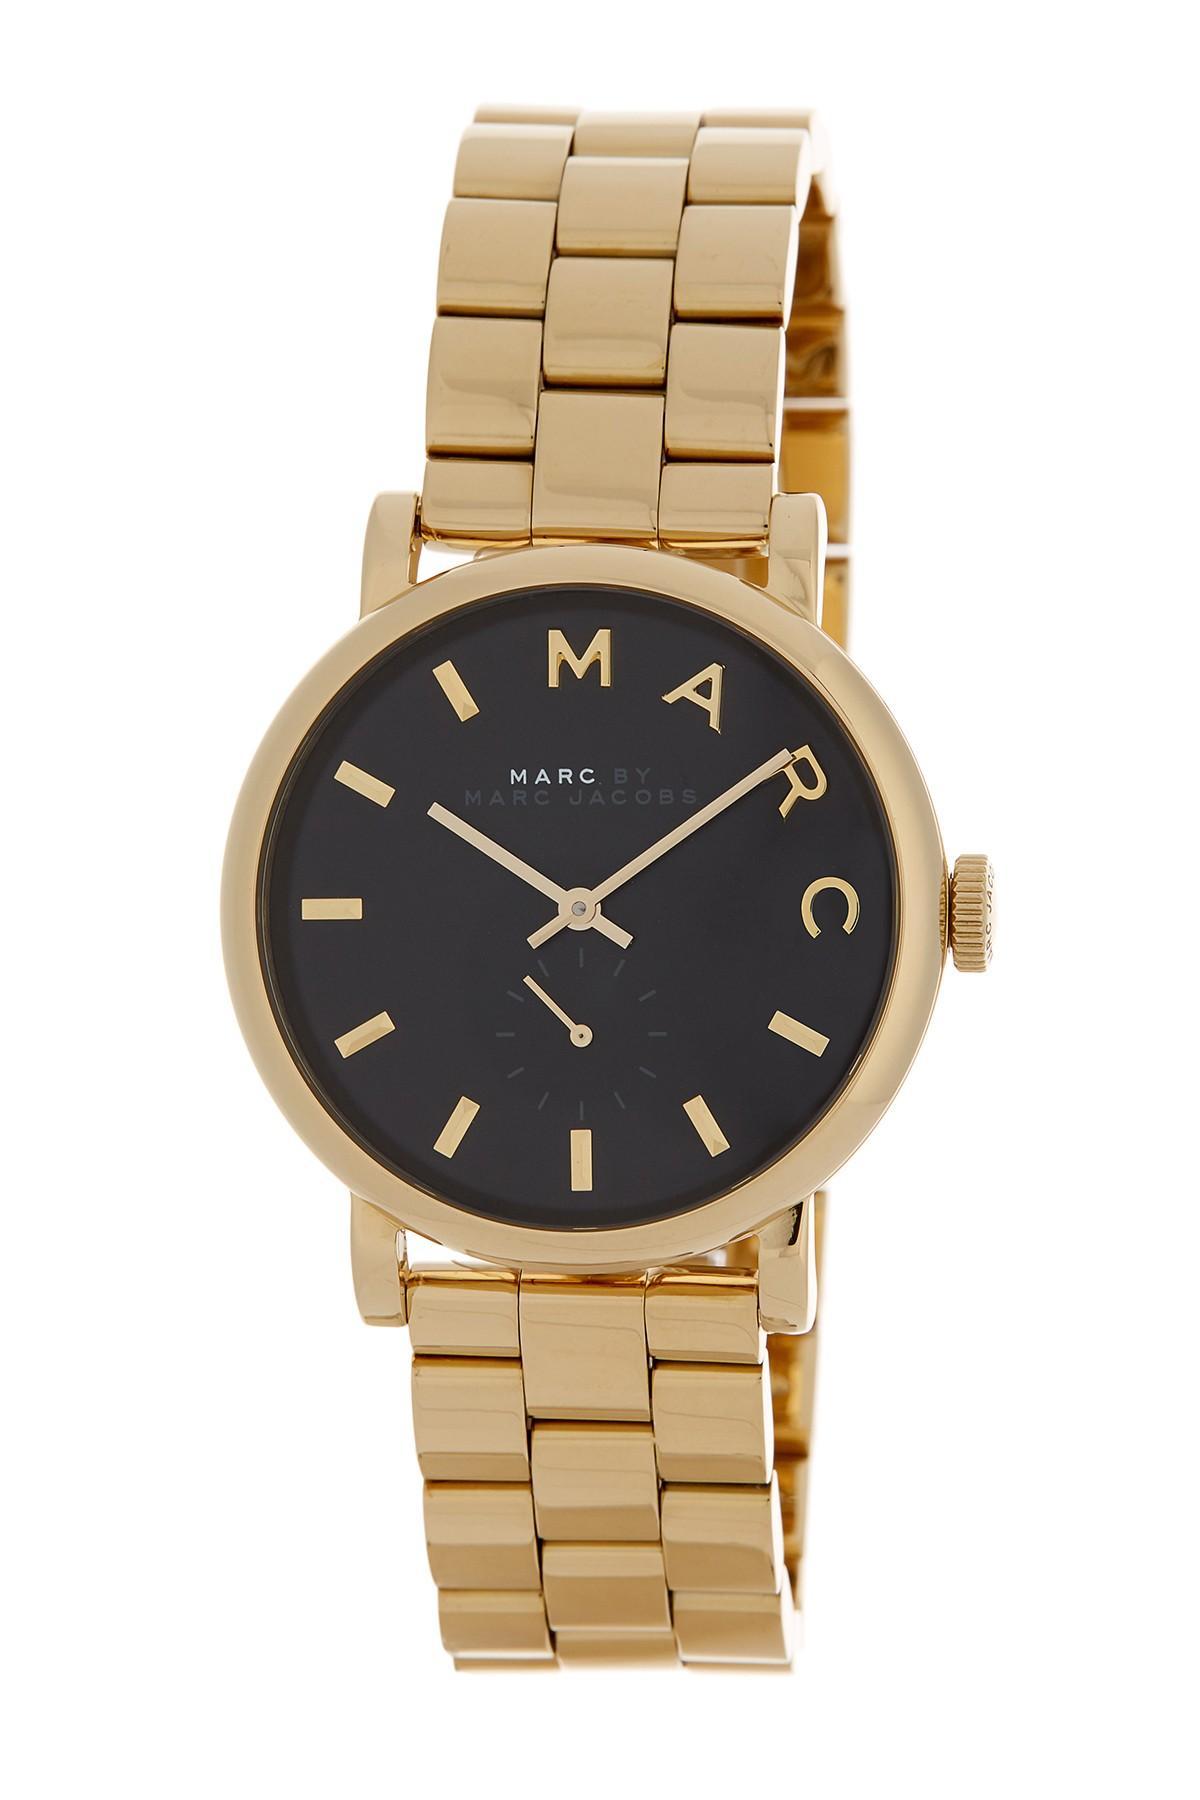 Marc by marc jacobs Women's Baker Bracelet Watch in ...